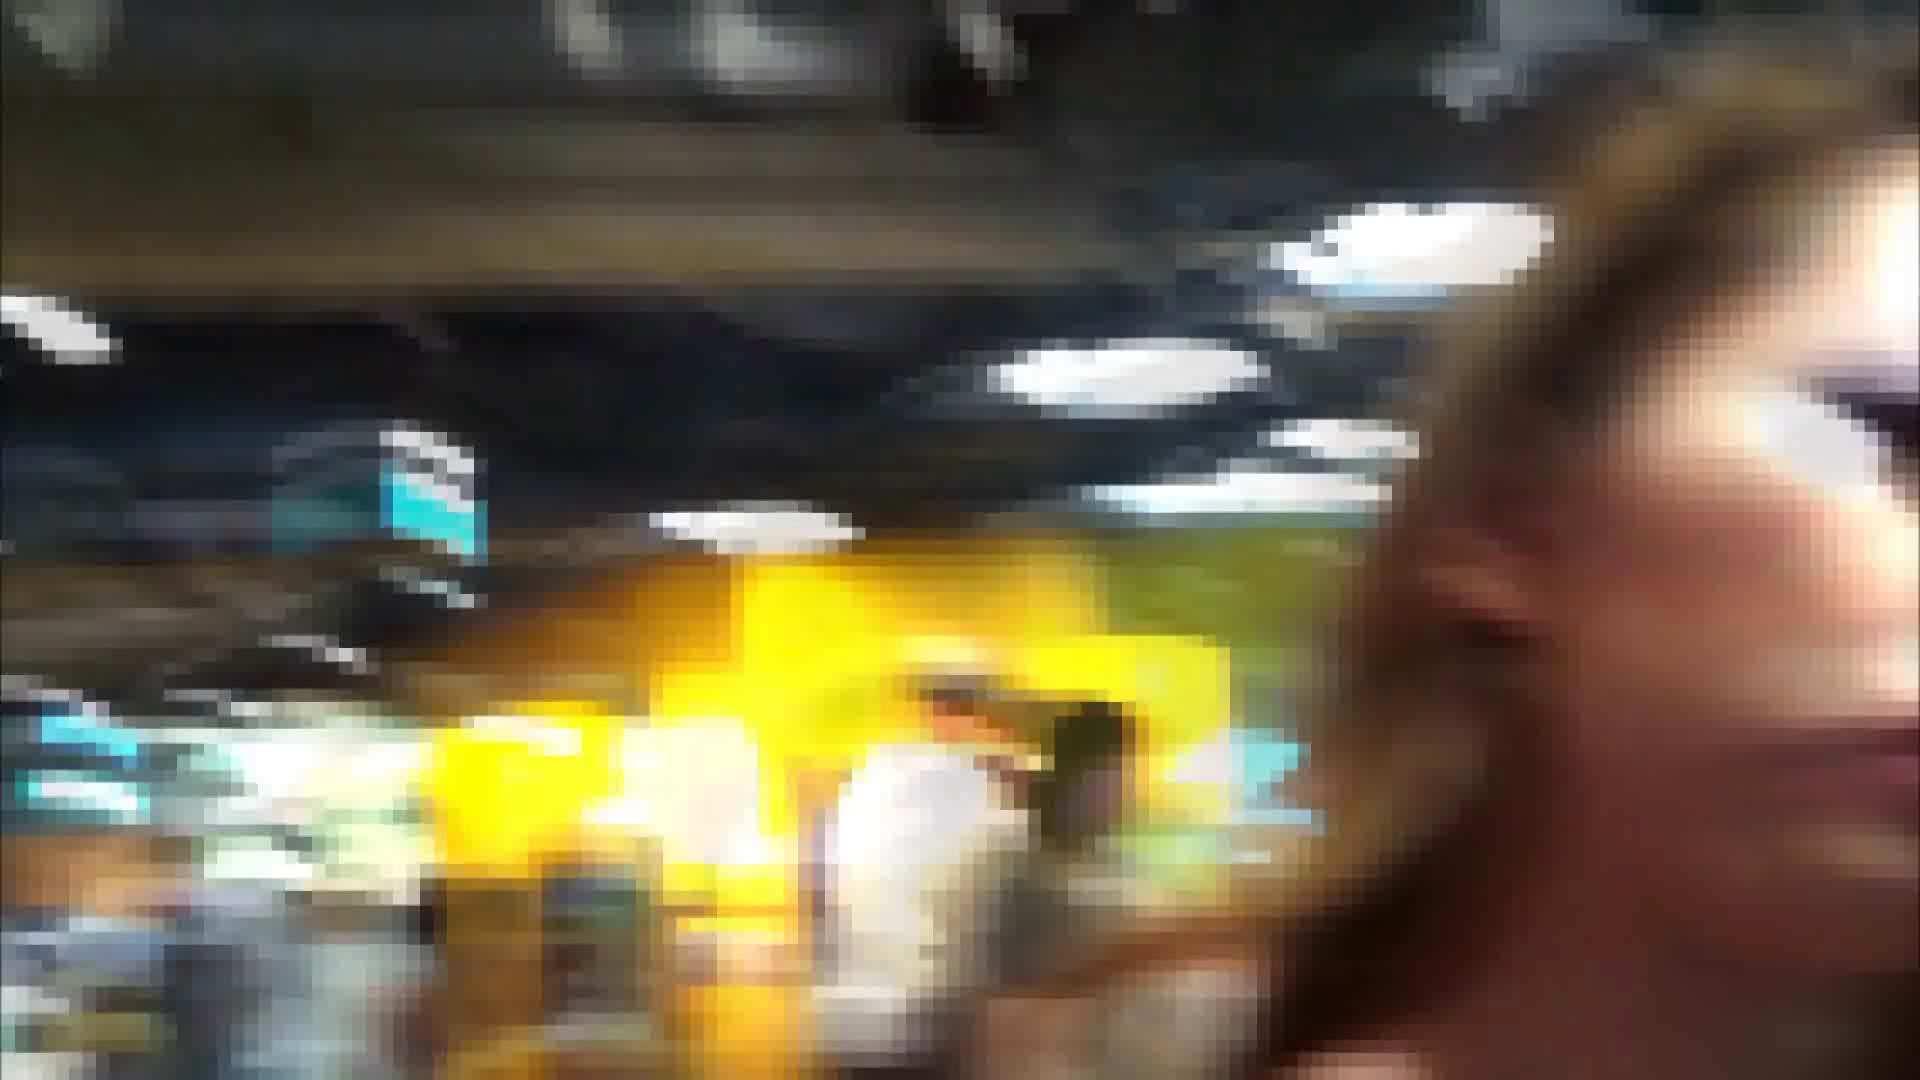 ガールズパンチラストリートビューVol.039 チラ 盗み撮りAV無料動画キャプチャ 97pic 38